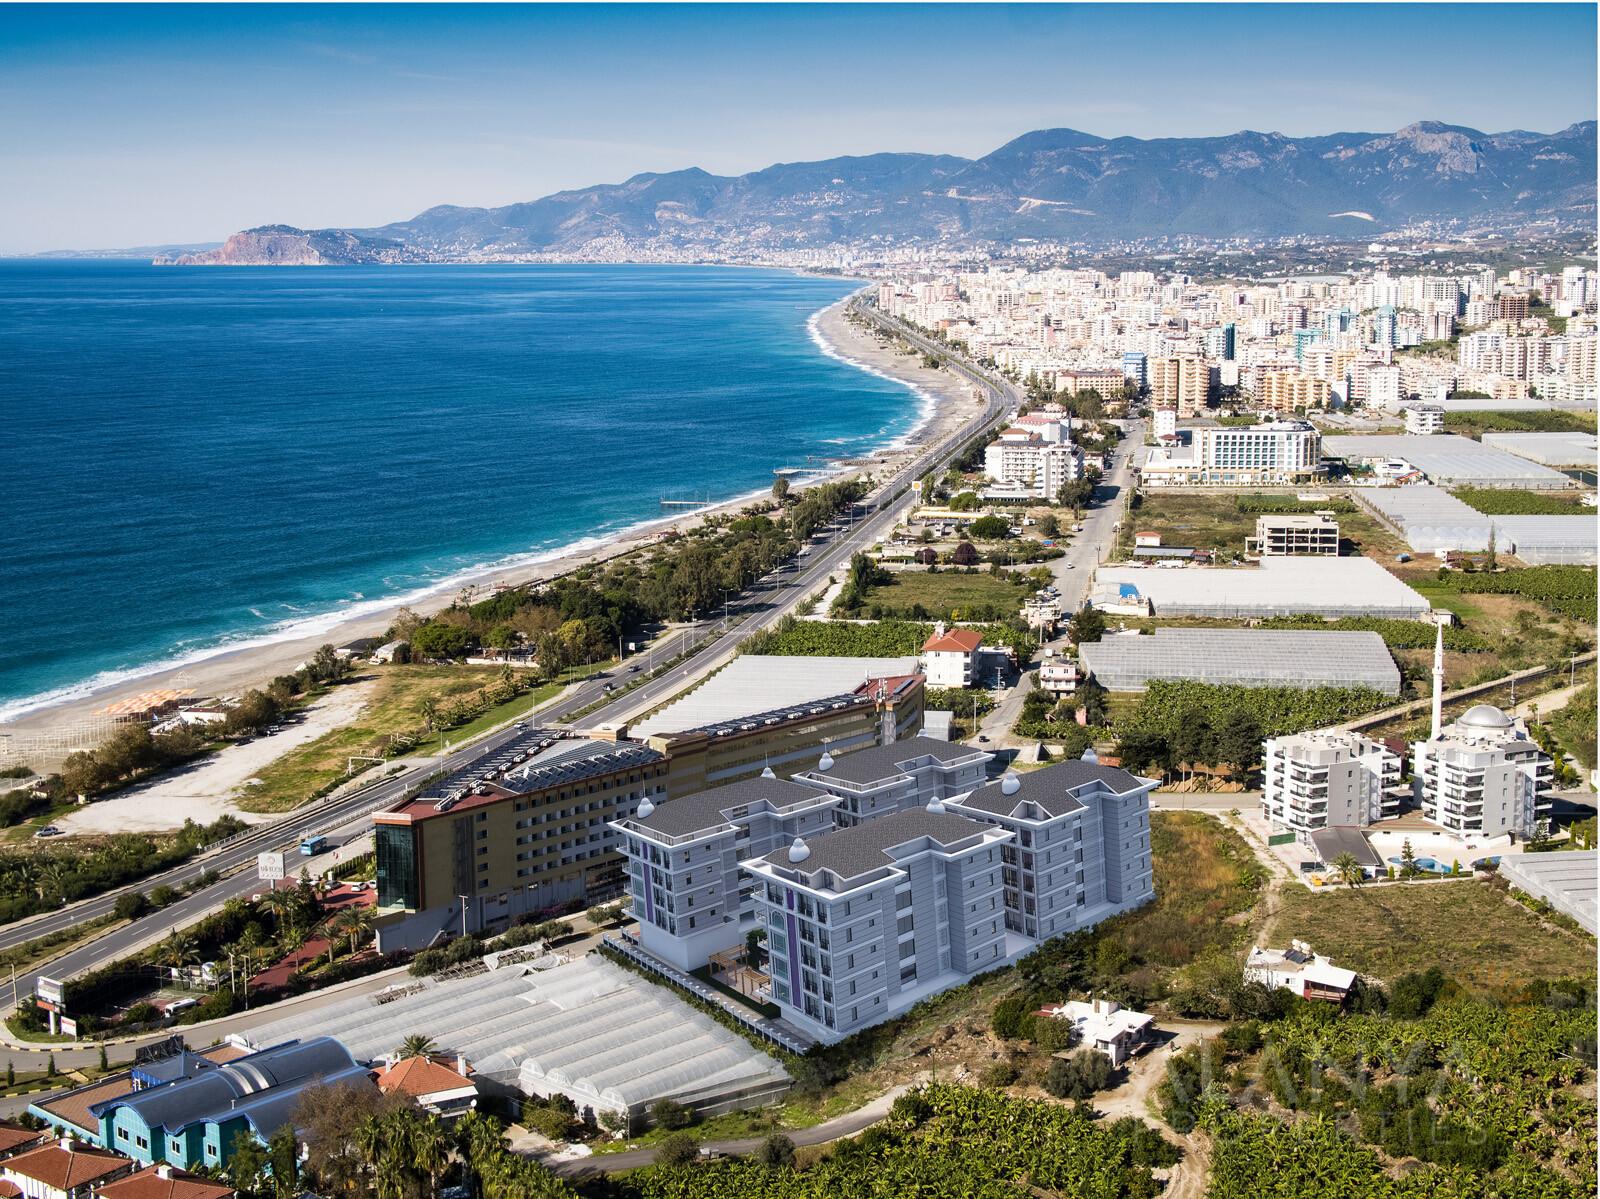 Exclusieve appartementen omringd door prachtige natuur en op 50 m van het strand in Kargicak, Alanya